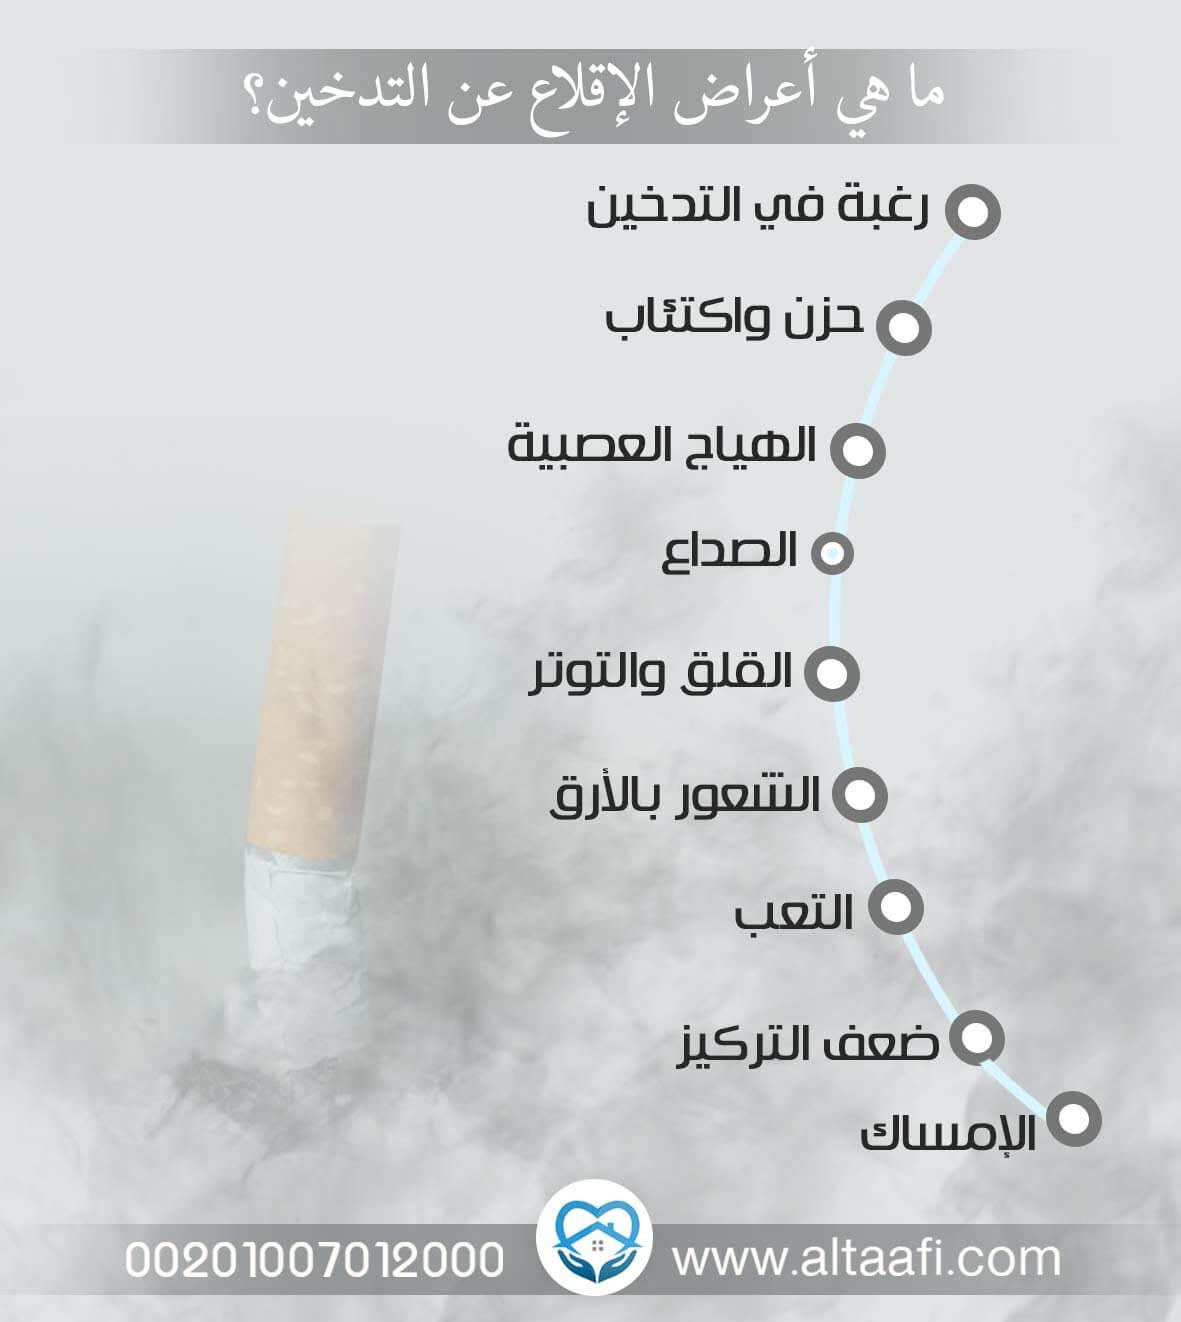 ما هي أعراض الإقلاع عن التدخين؟